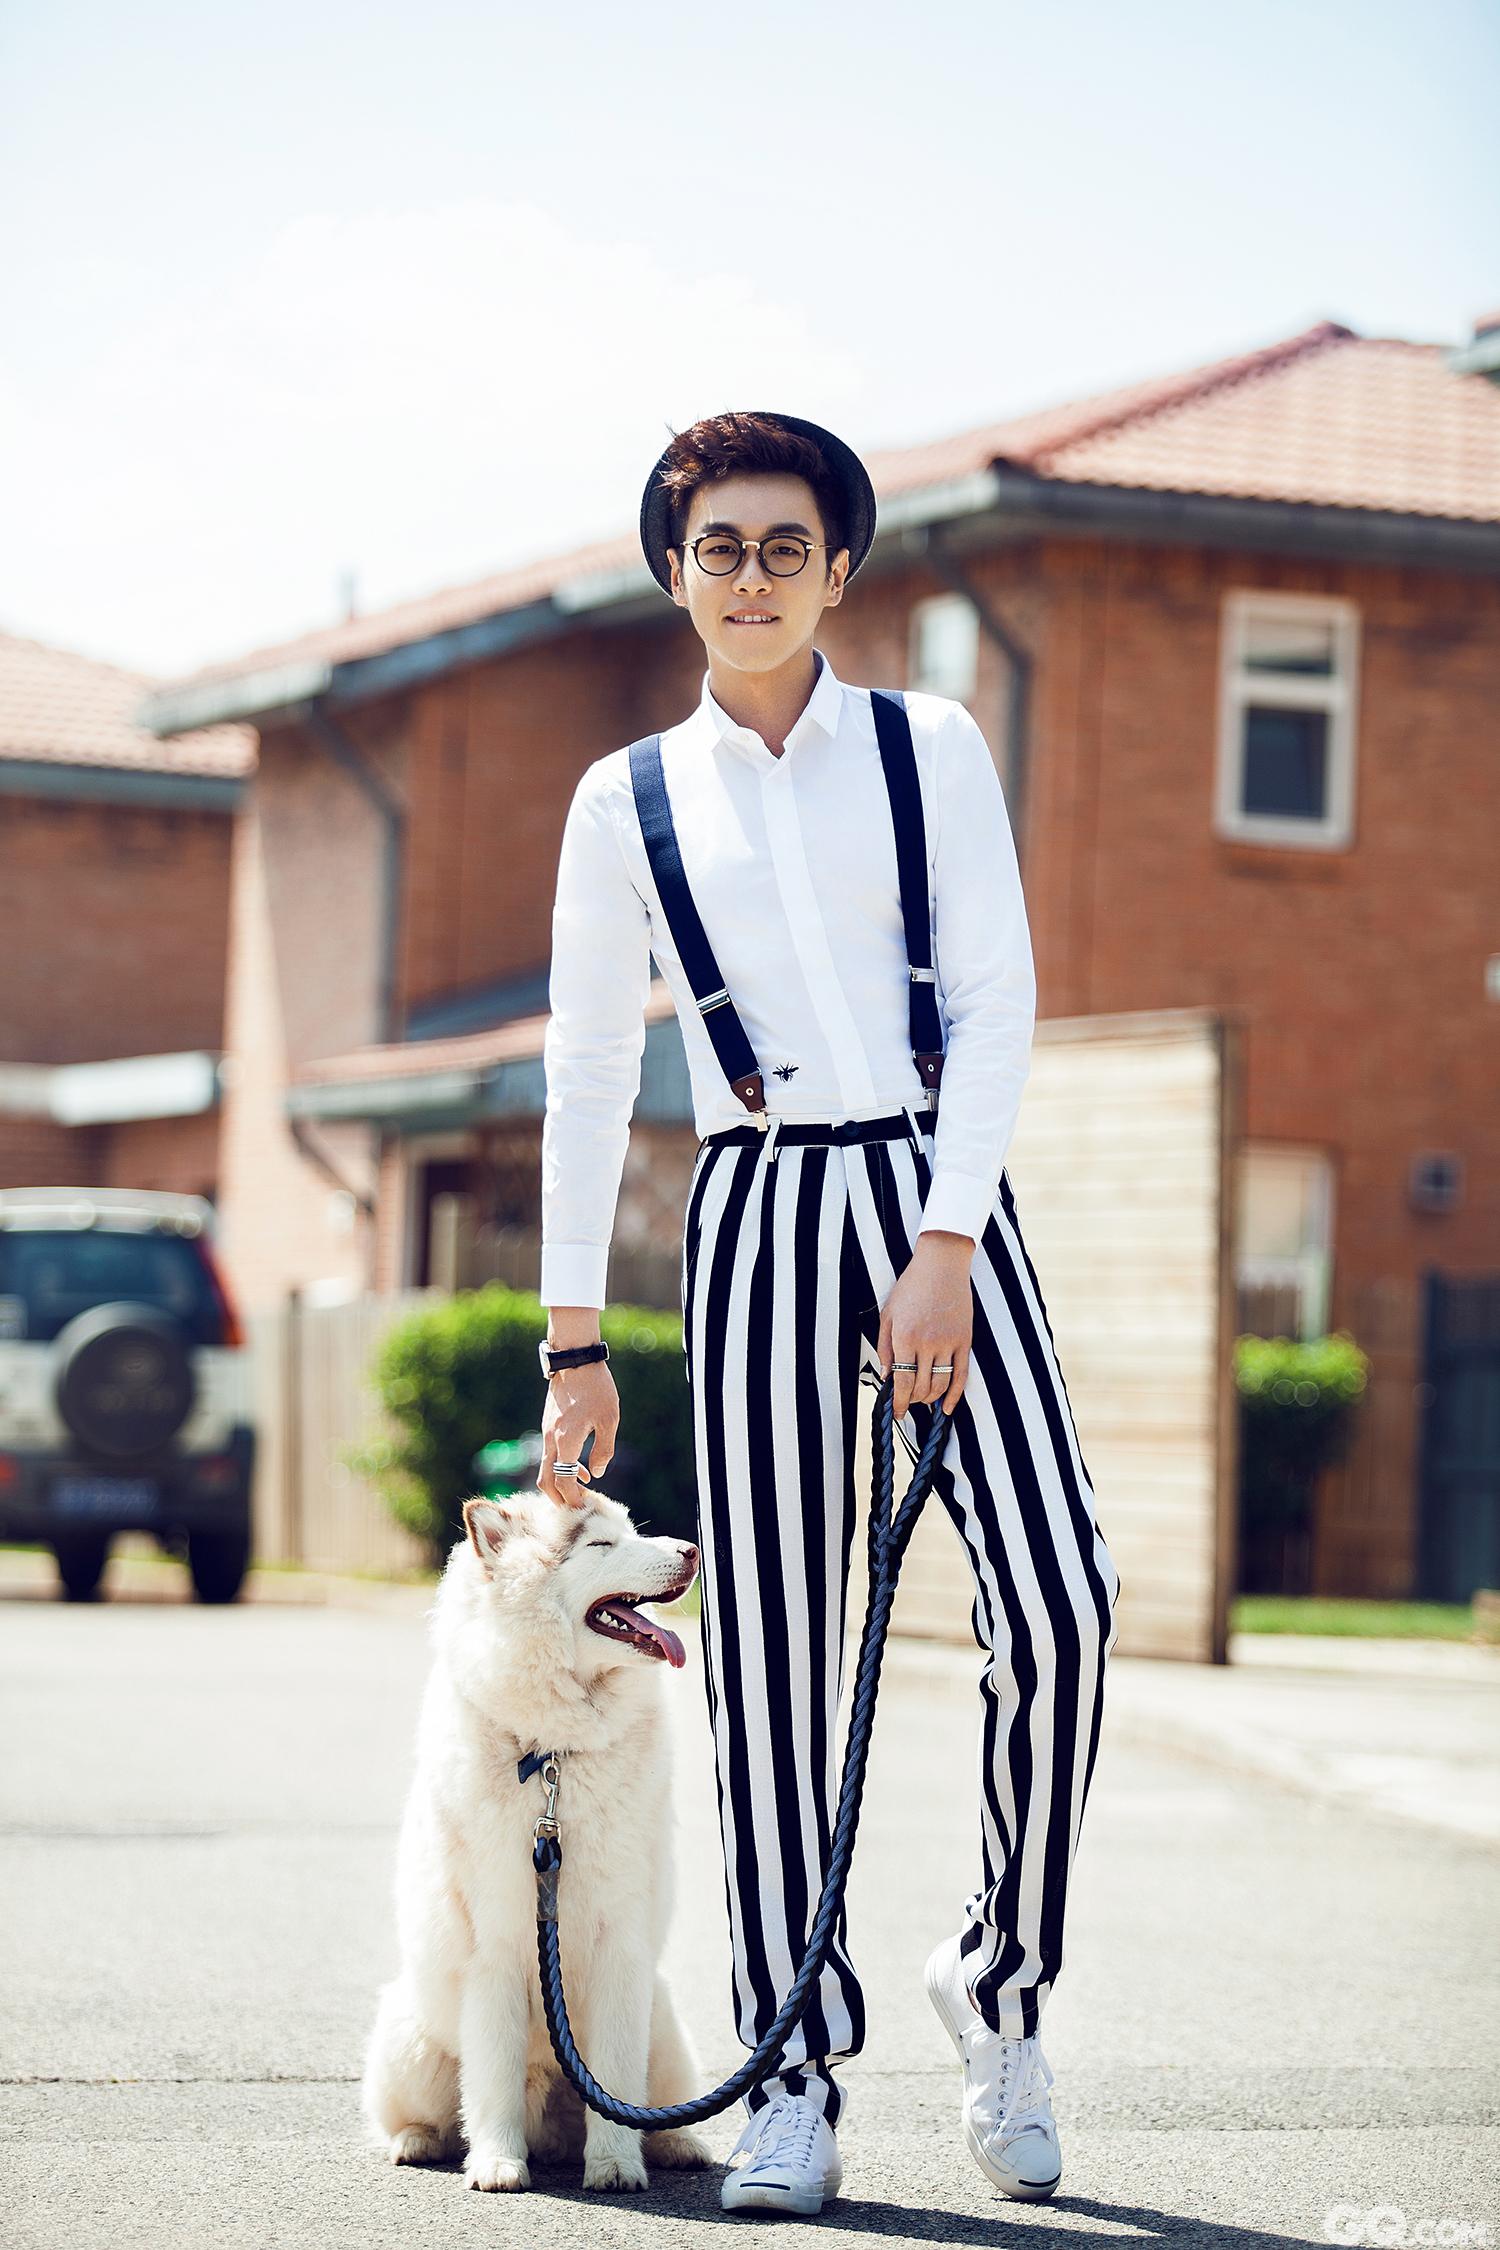 张若昀携爱犬Pitt出镜 复古眼镜尽显潮范儿_人物_GQ男士网